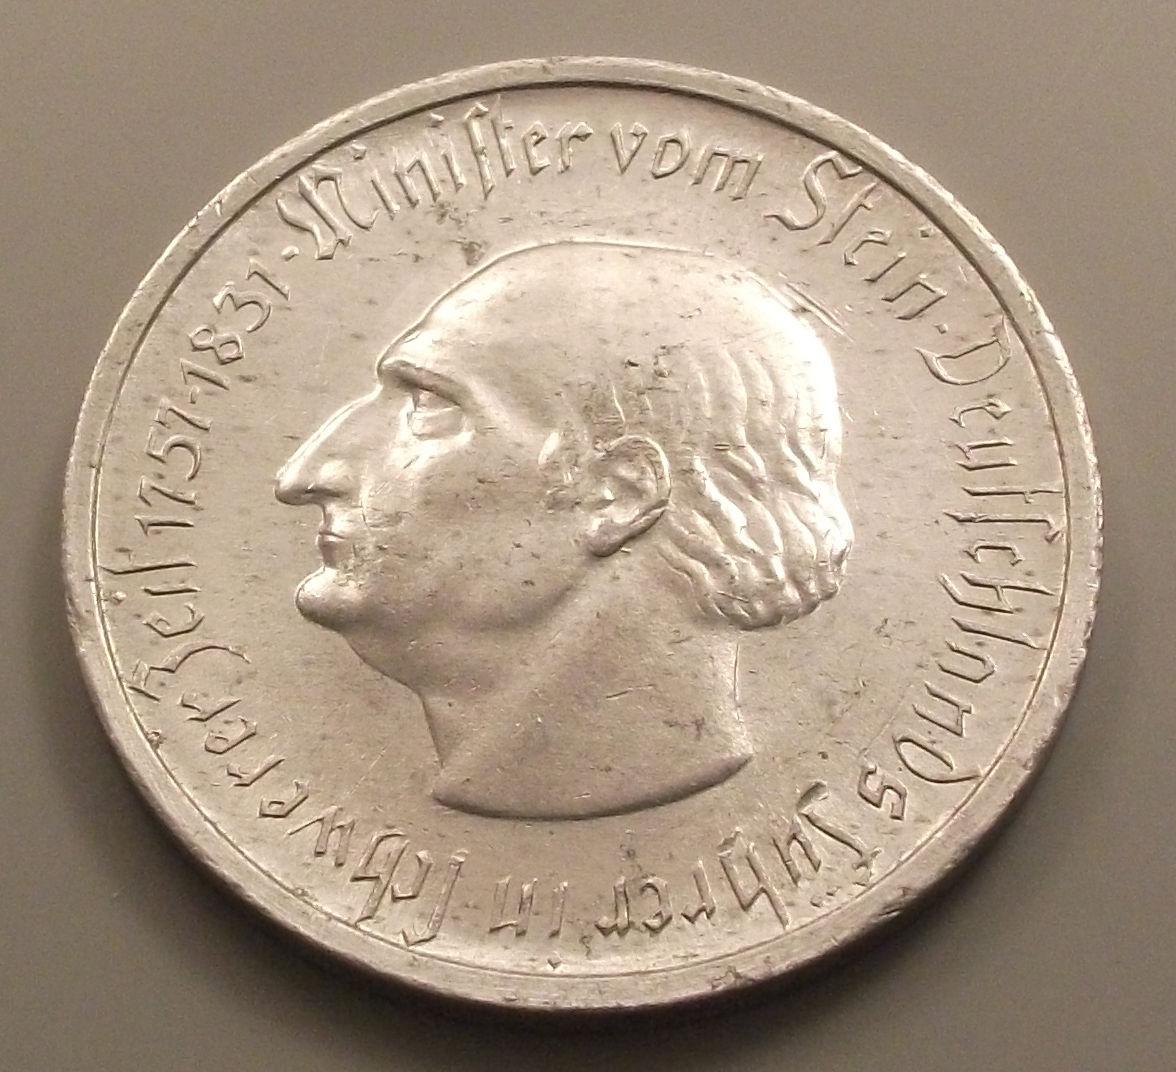 Monedas de emergencia emitidas por el banco regional de Westphalia 1923_50mc